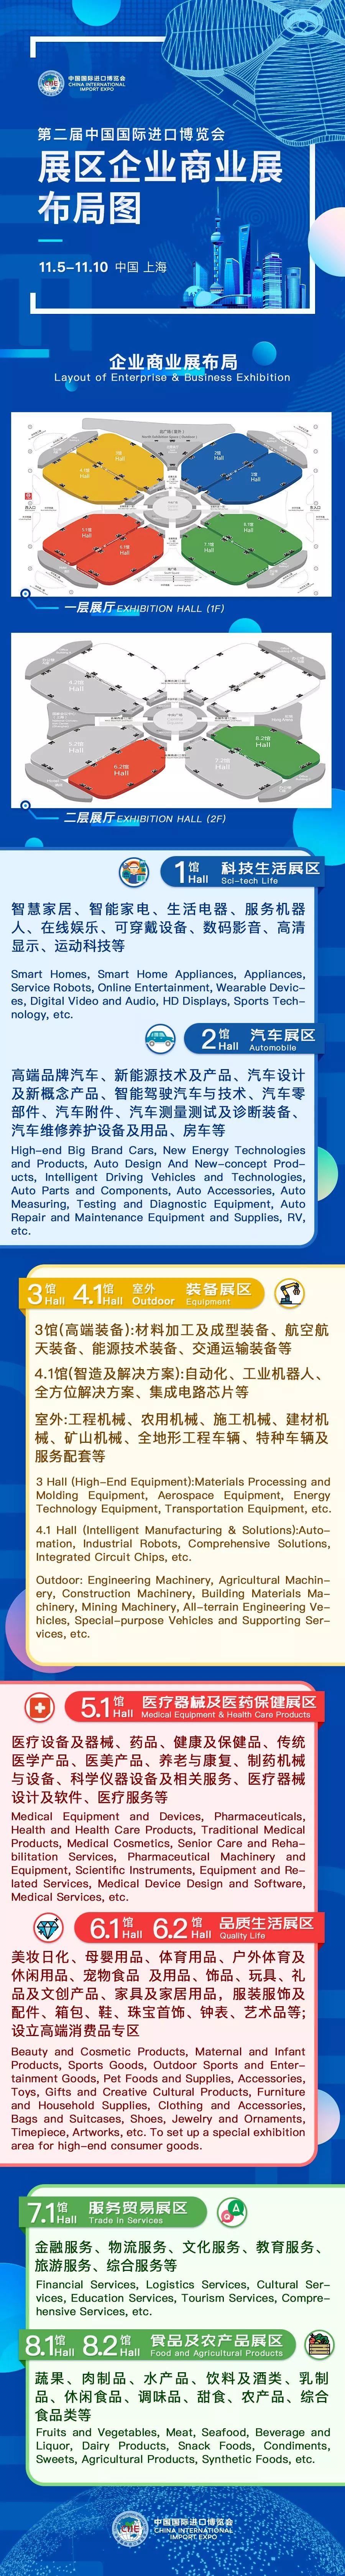 2019中国上海进博会举办时间 地点 门票预定